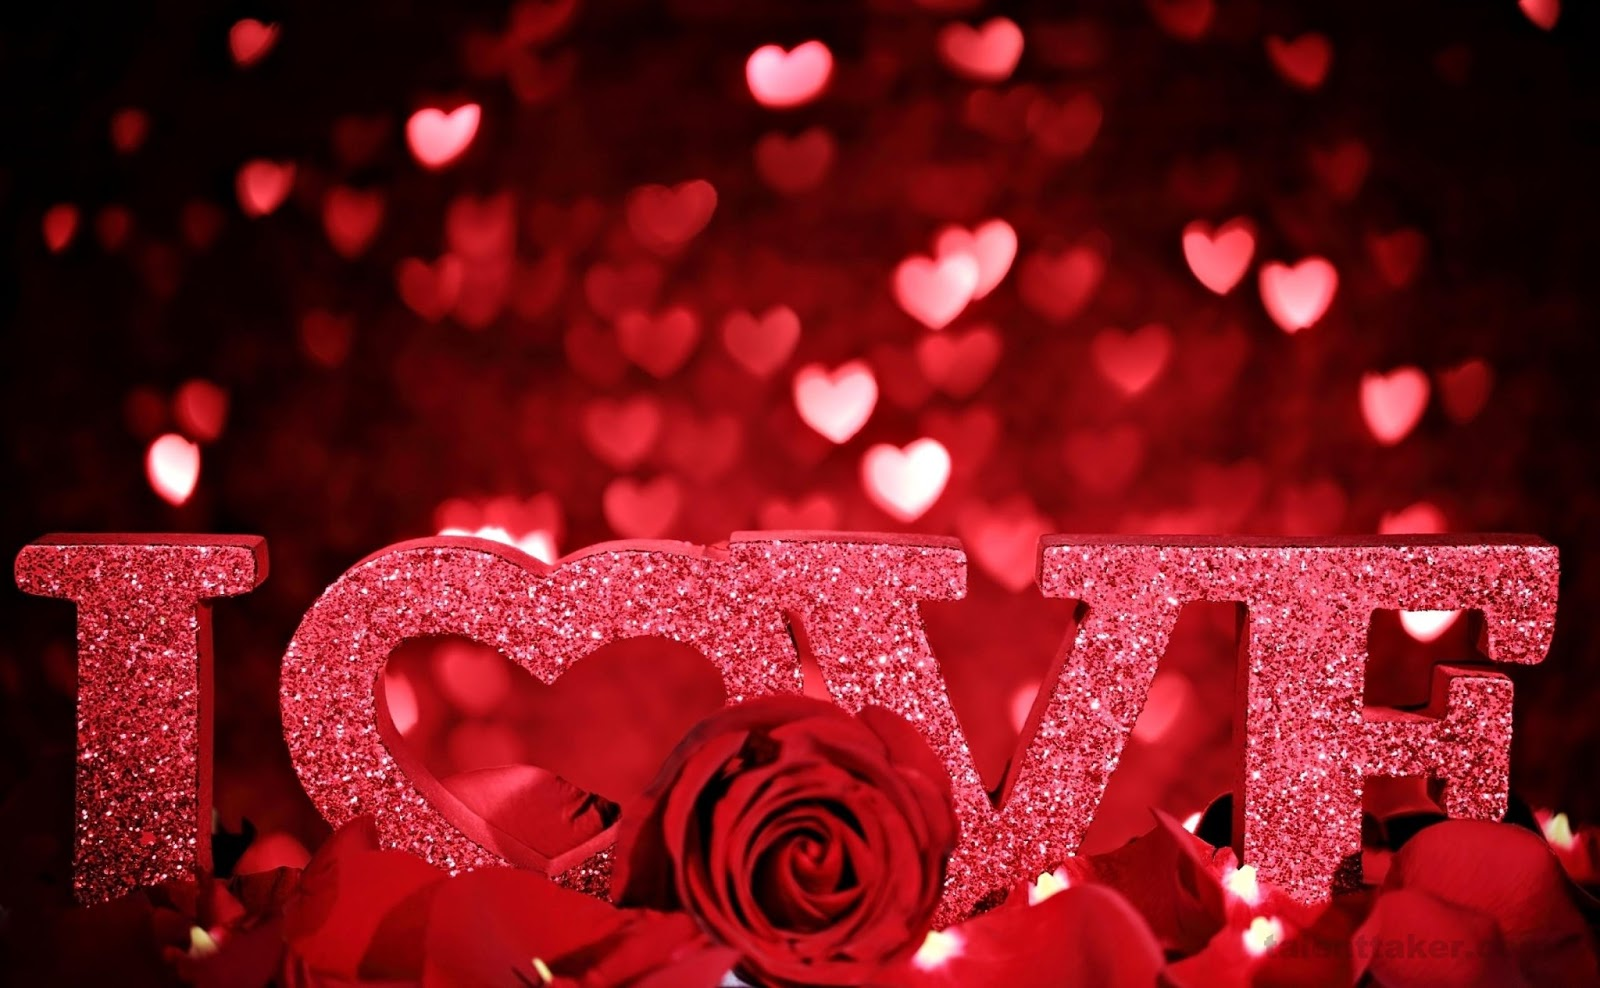 Картинки и фотографии про любовь с надписями